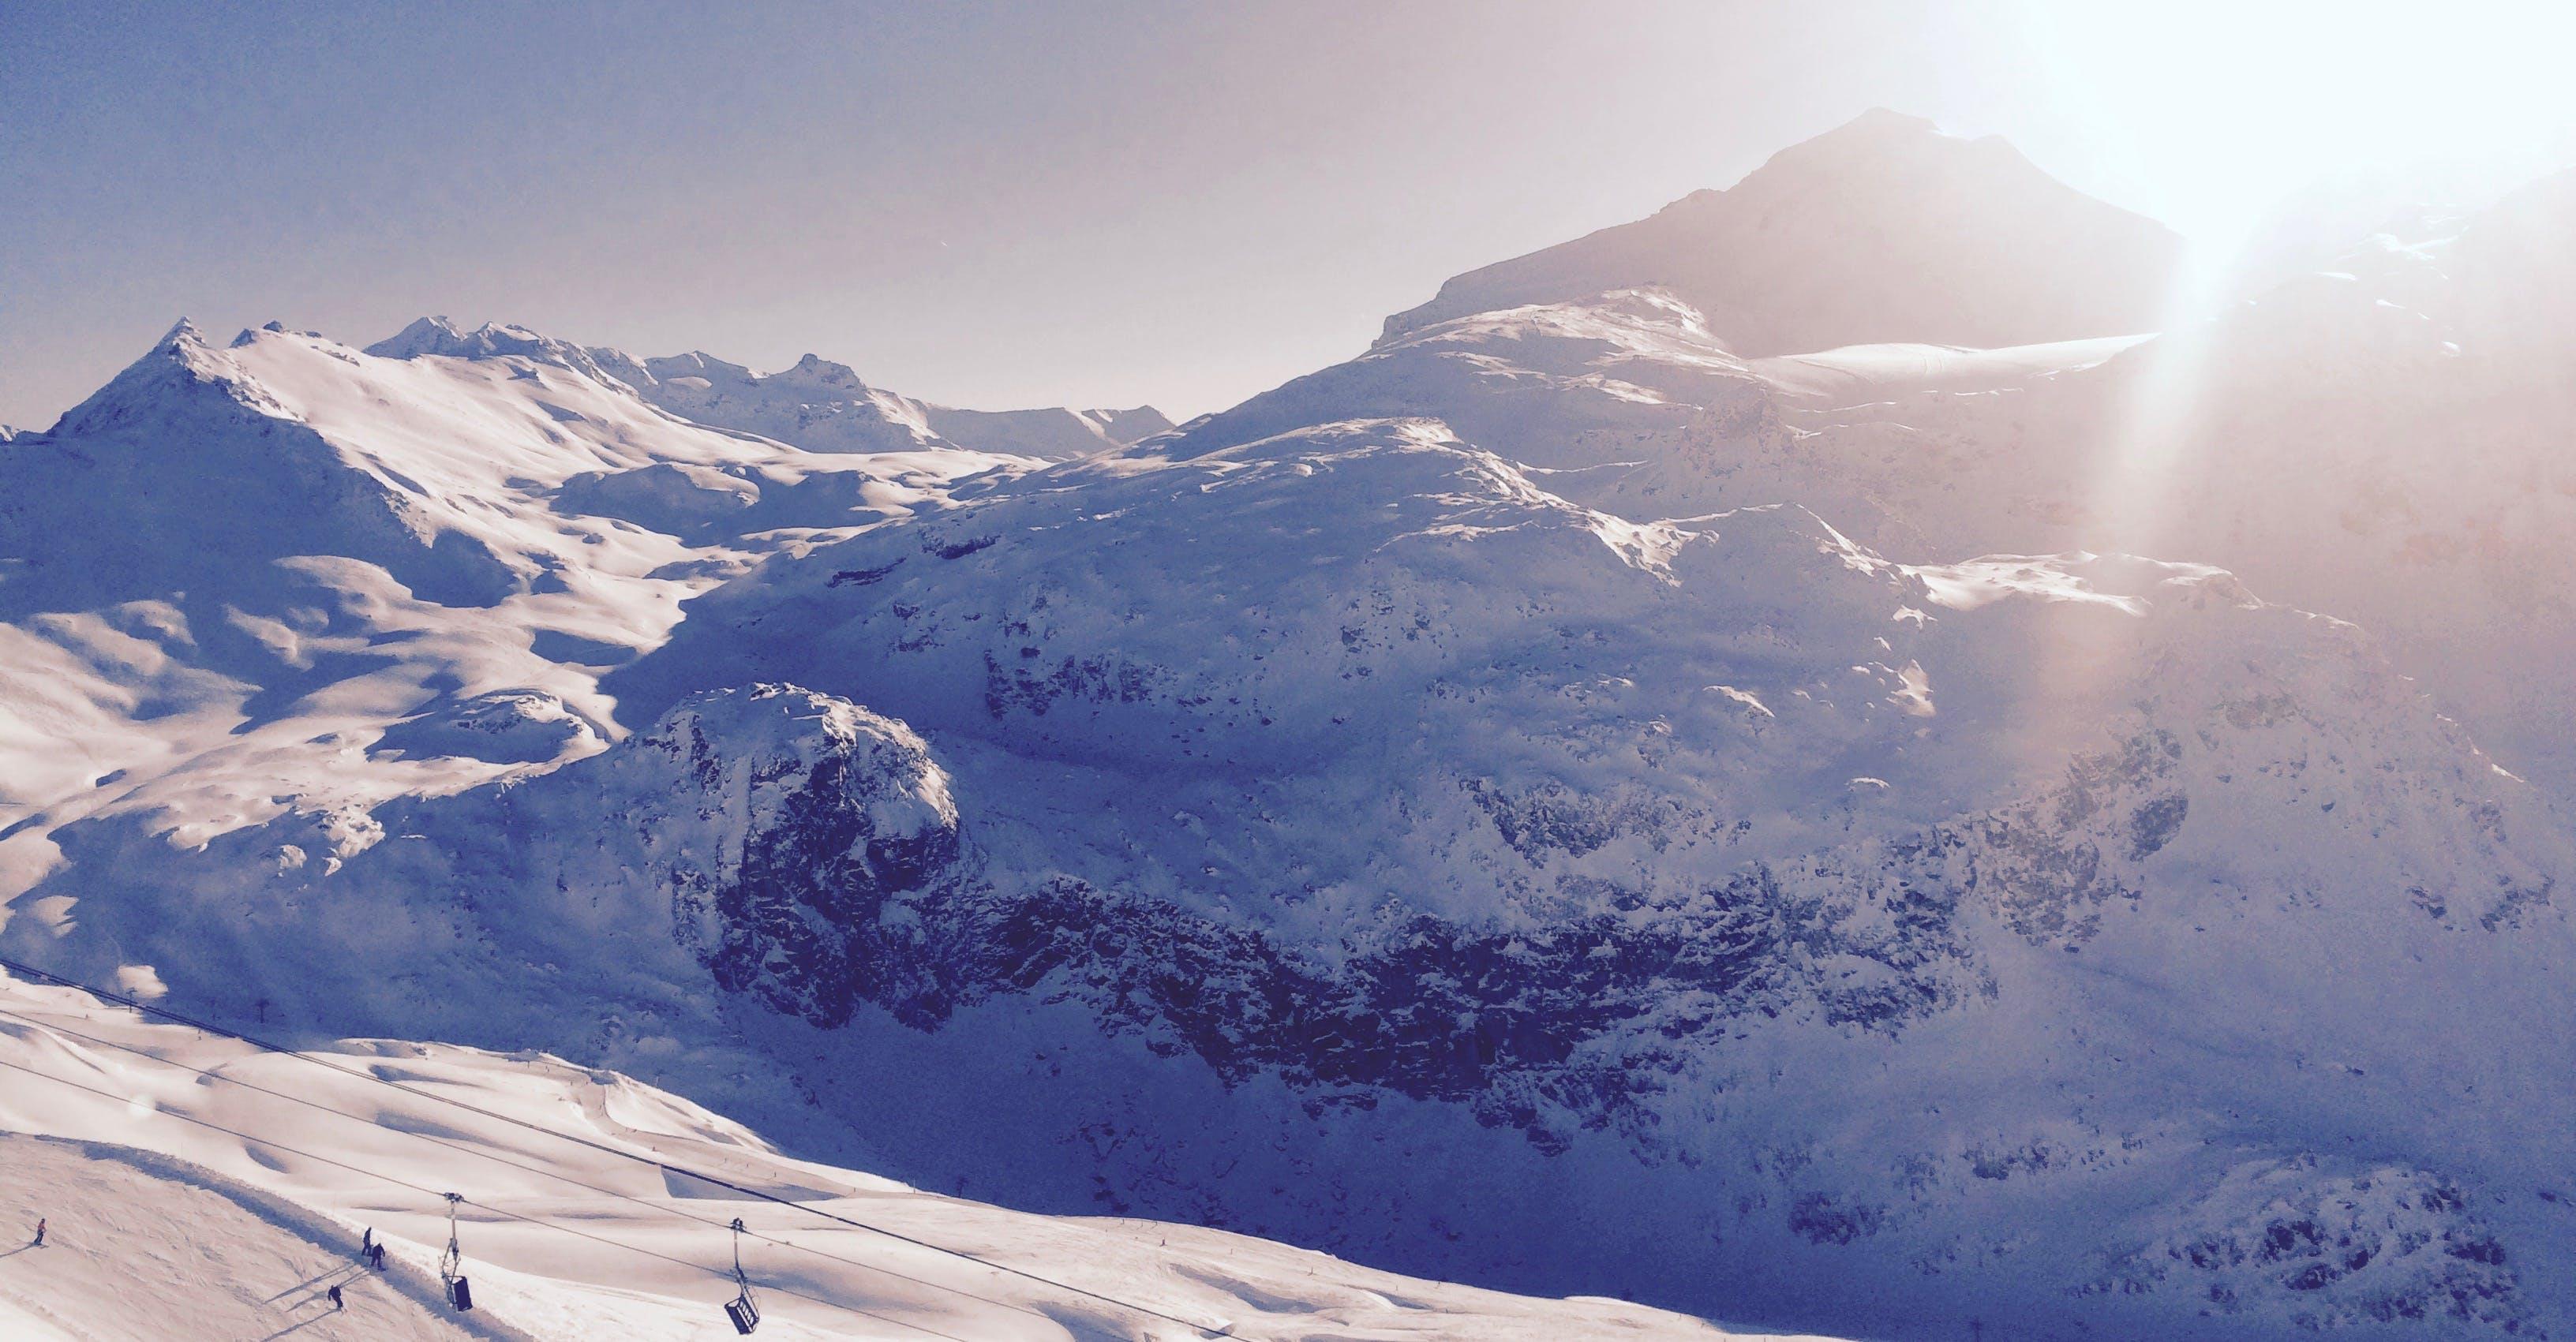 Kostenloses Stock Foto zu kalt, schnee, berge, winter